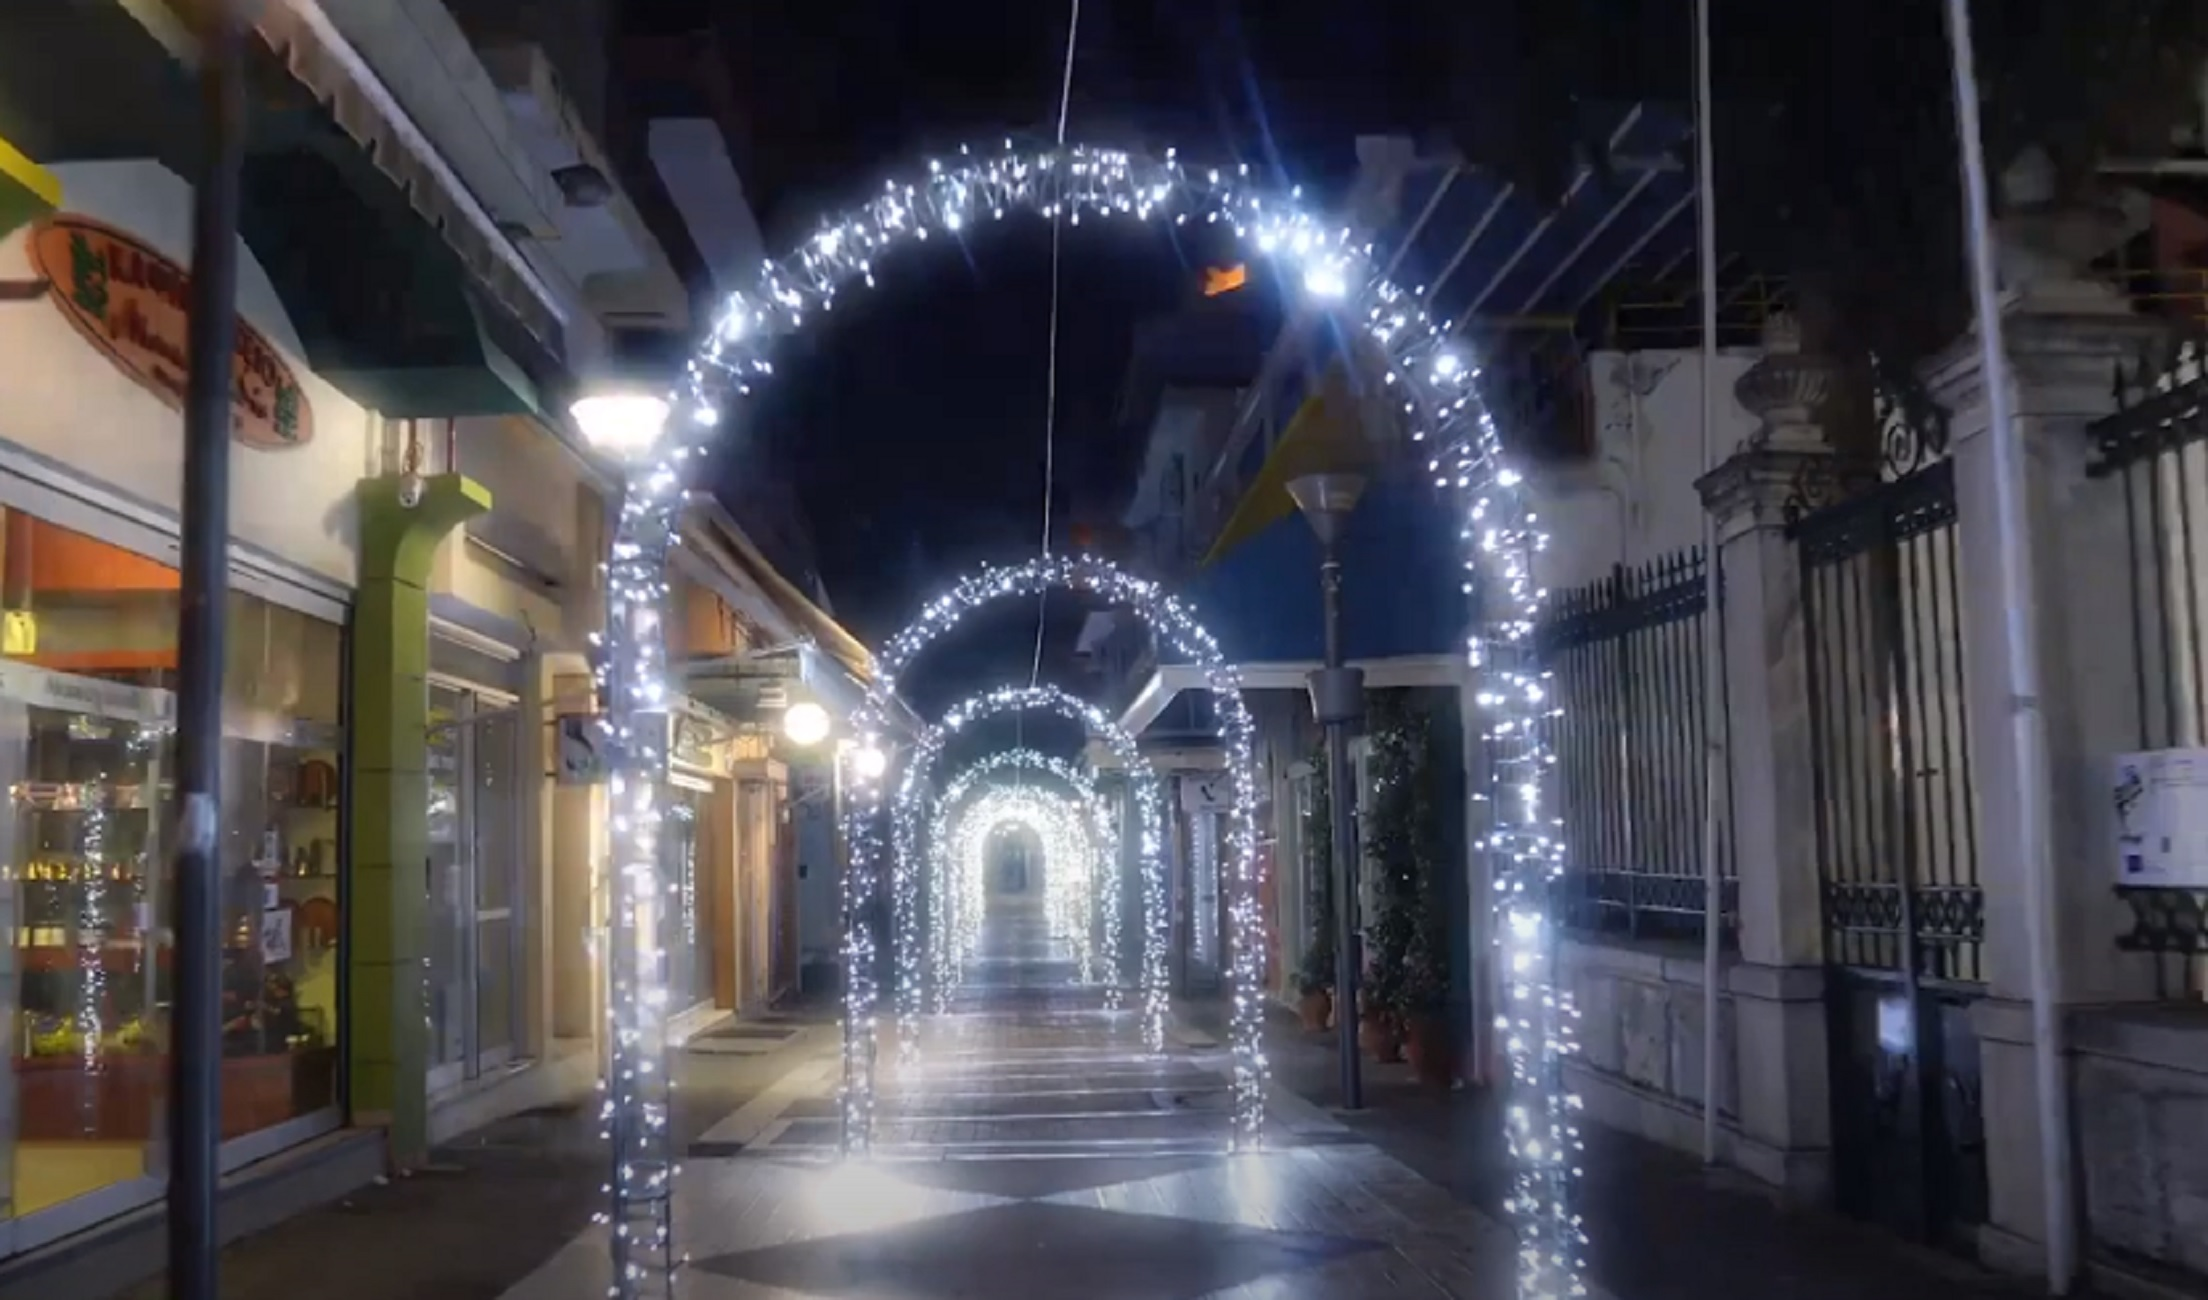 Λαμία: Η πόλη φόρεσε τα γιορτινά της! Εκπληκτικές εικόνες λίγο πριν τα Χριστούγεννα του κορονοϊού (Βίντεο)